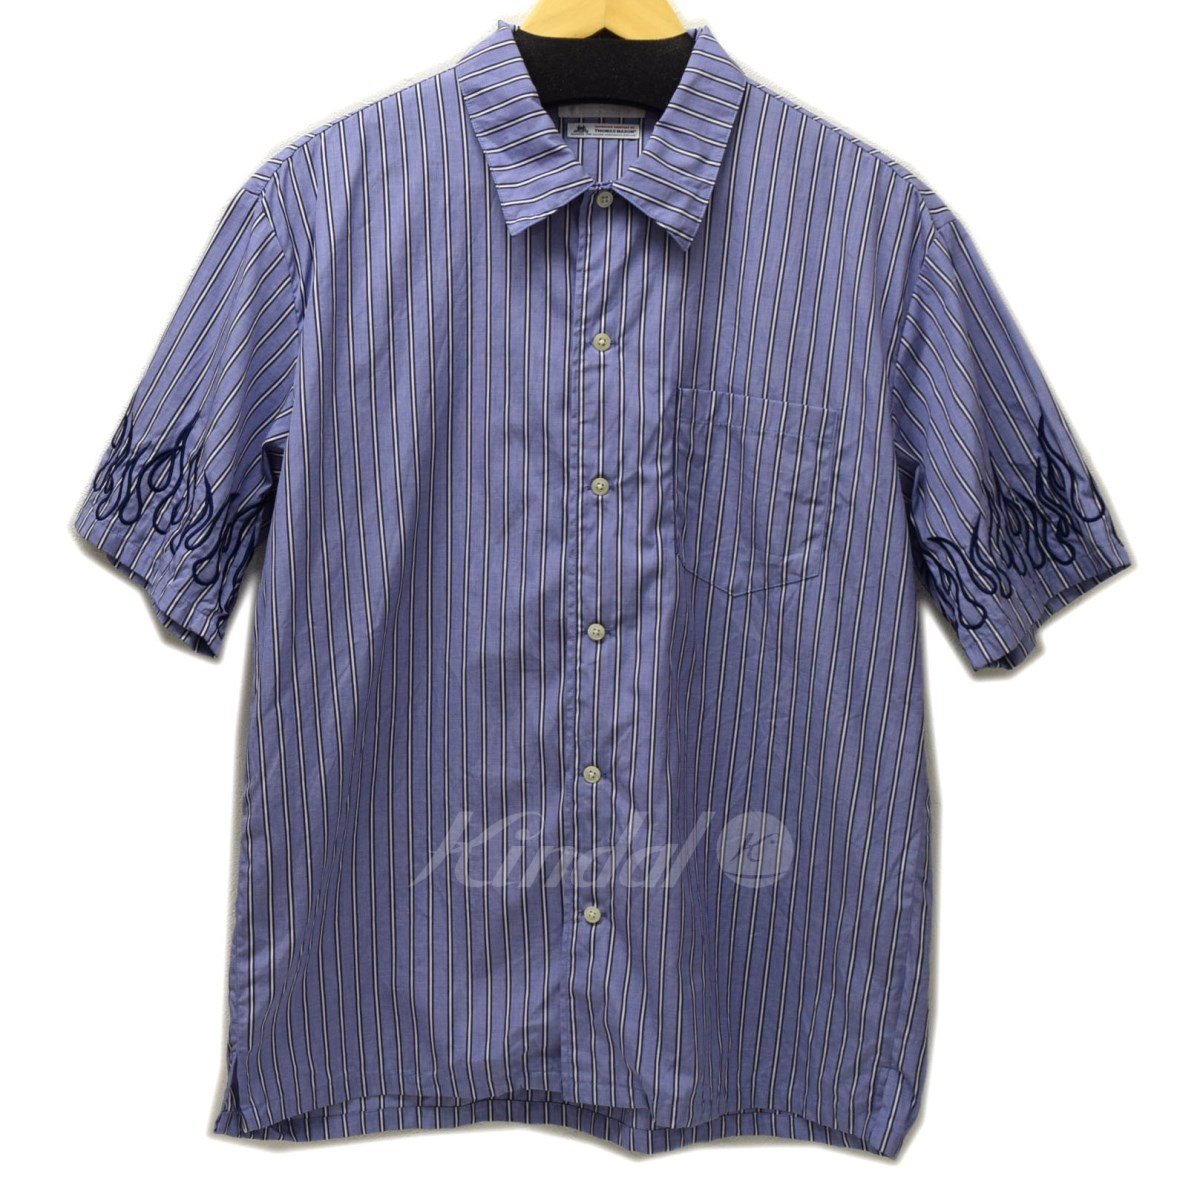 【中古】DISCOVERED FIRE STITCH SHIRT 袖刺繍ストライプ 2018SS ブルー サイズ:1 【120619】(ディスカバード)